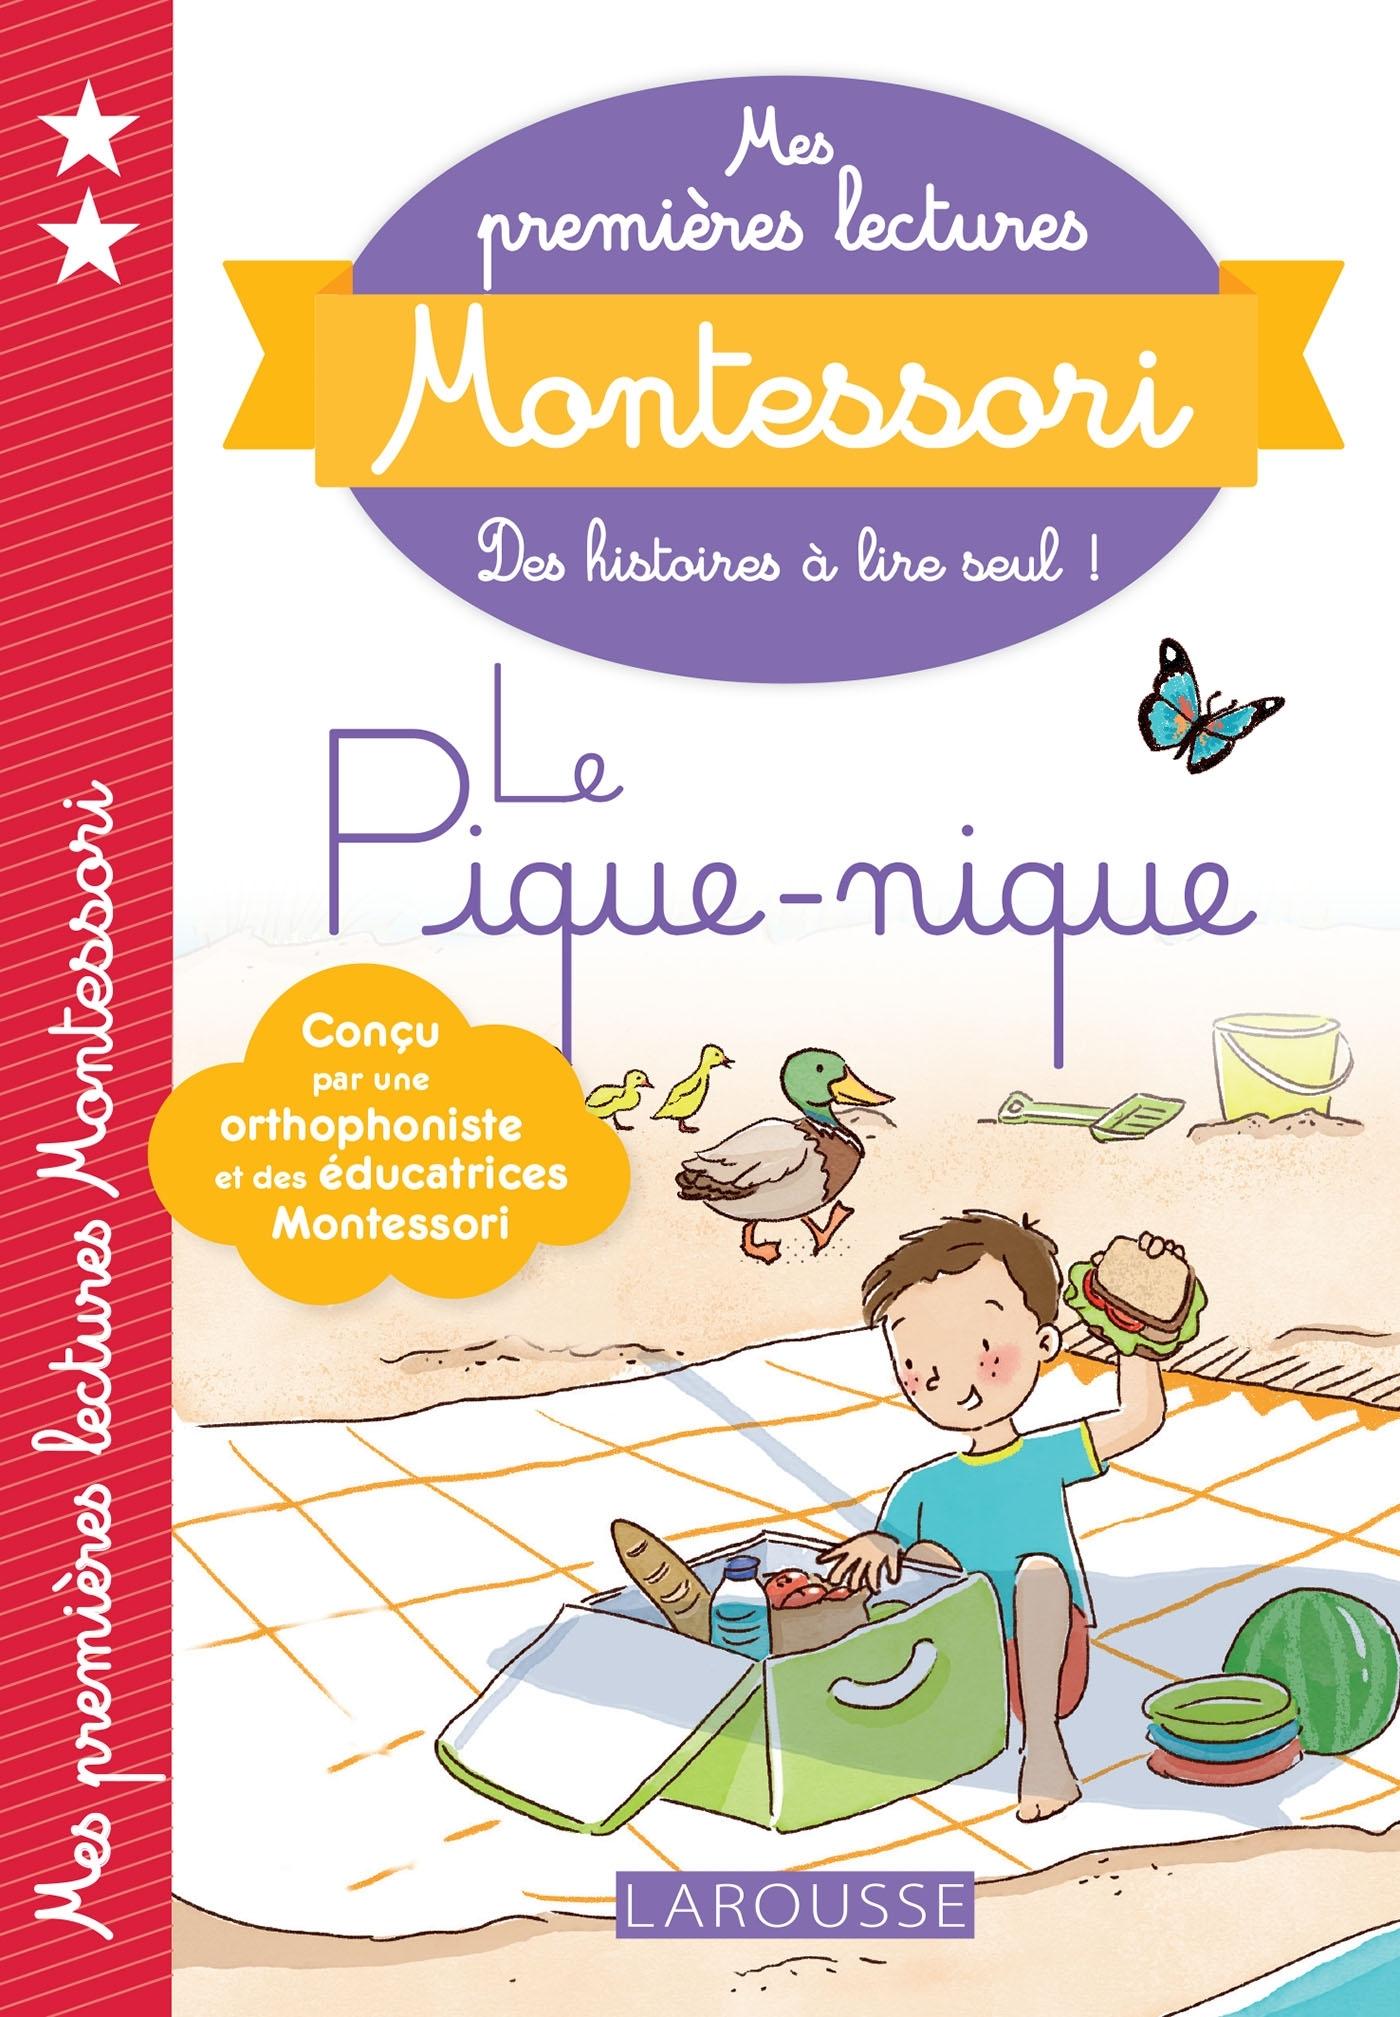 MES PREMIERES LECTURES MONTESSORI - LE PIQUE-NIQUE